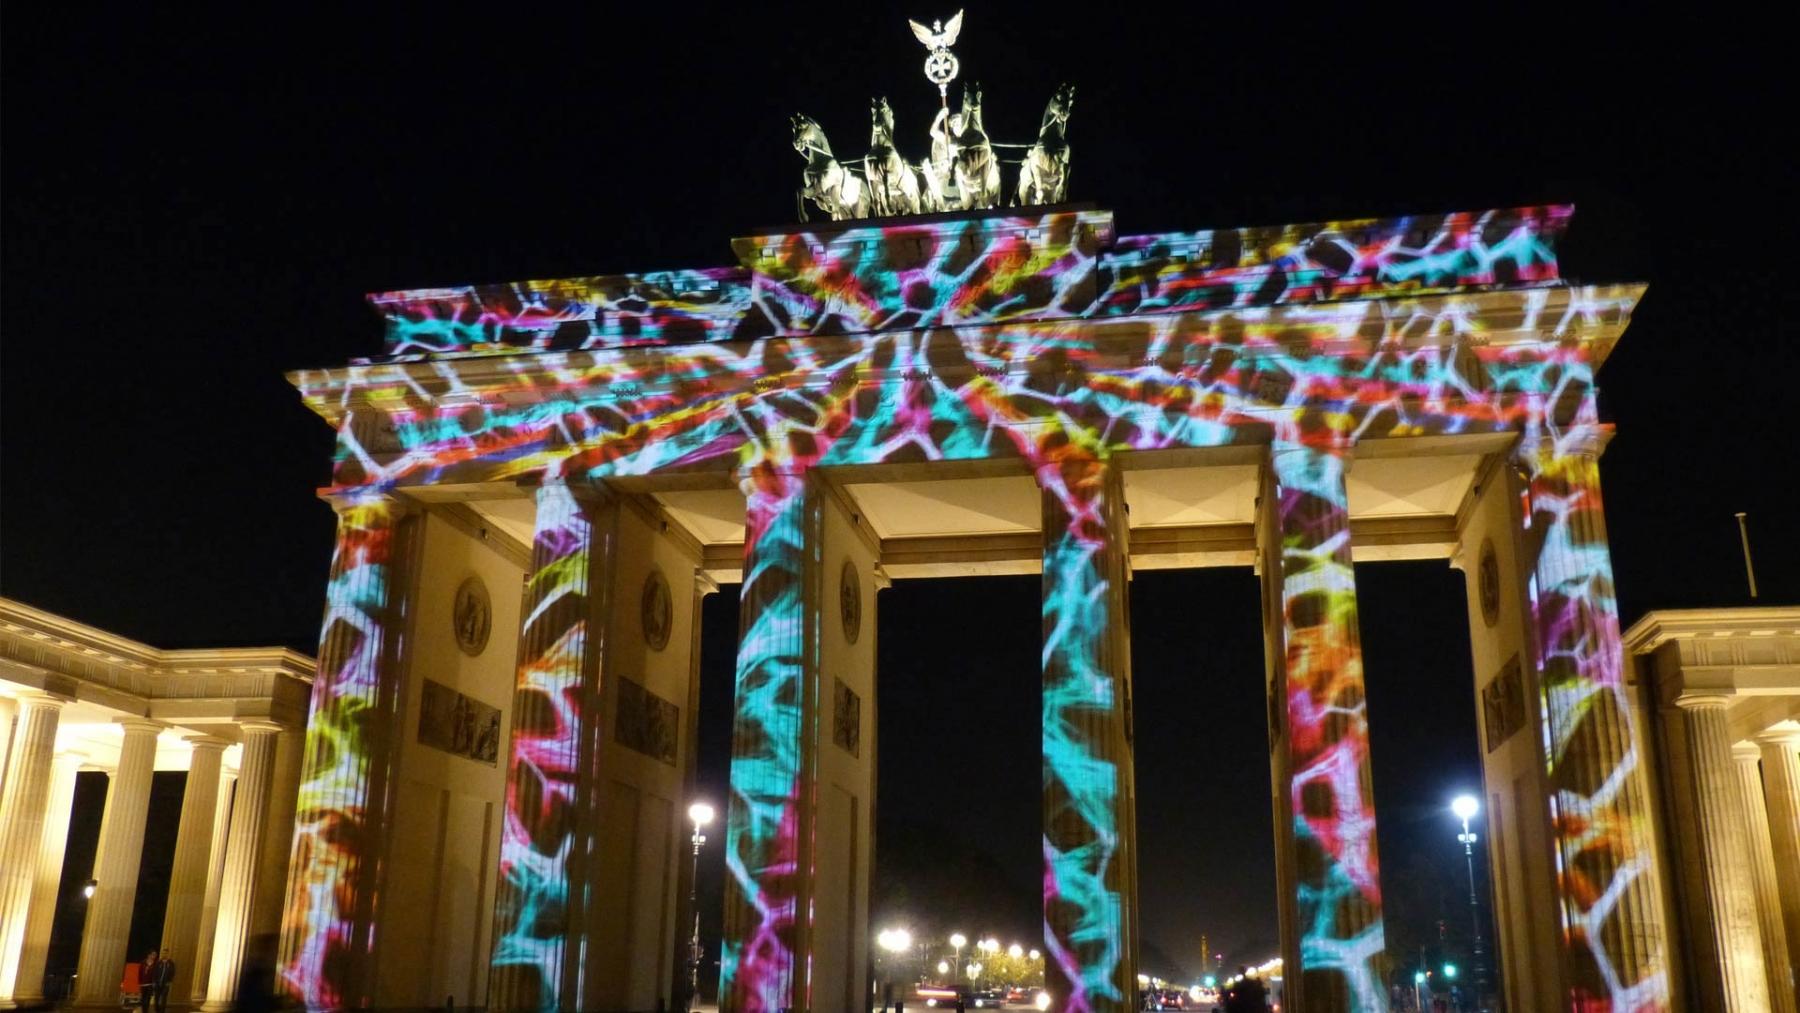 Farbe und Ton bewegen uns am Brandenburger Tor, nachdem wir den Raum der Stille verlassen haben